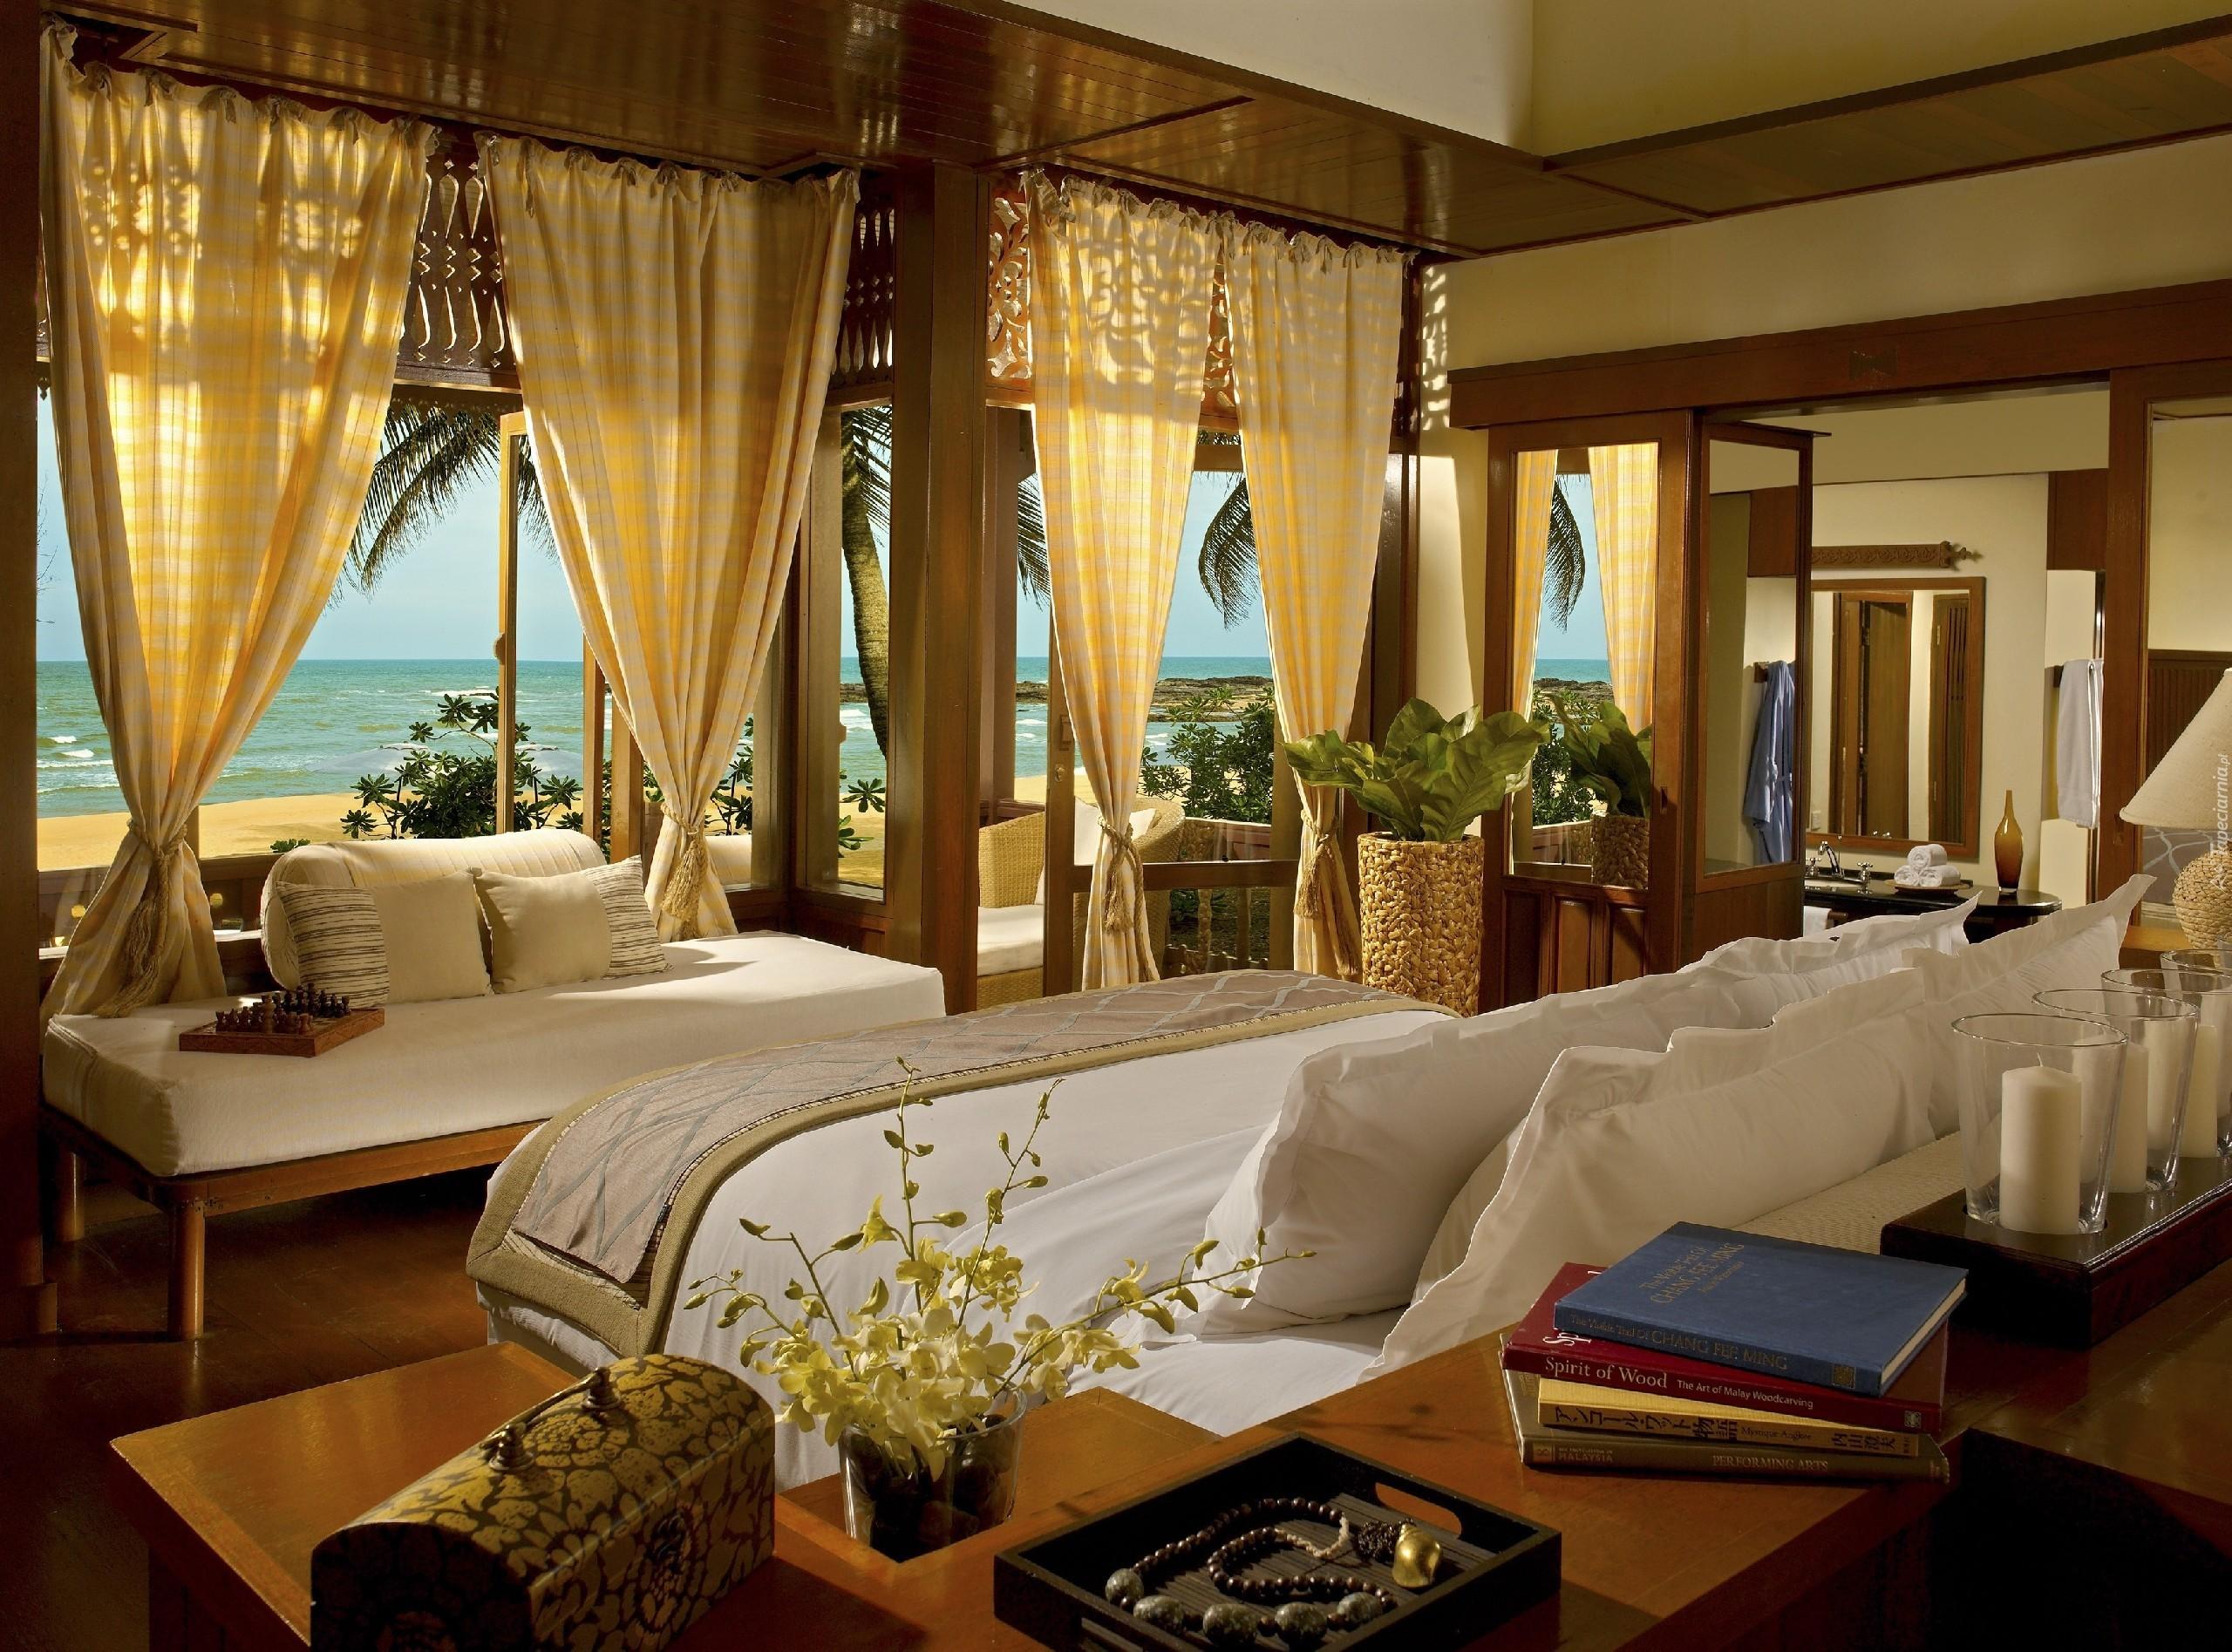 Dom sypialnia okno widok morze pla a for Home wallpaper kl